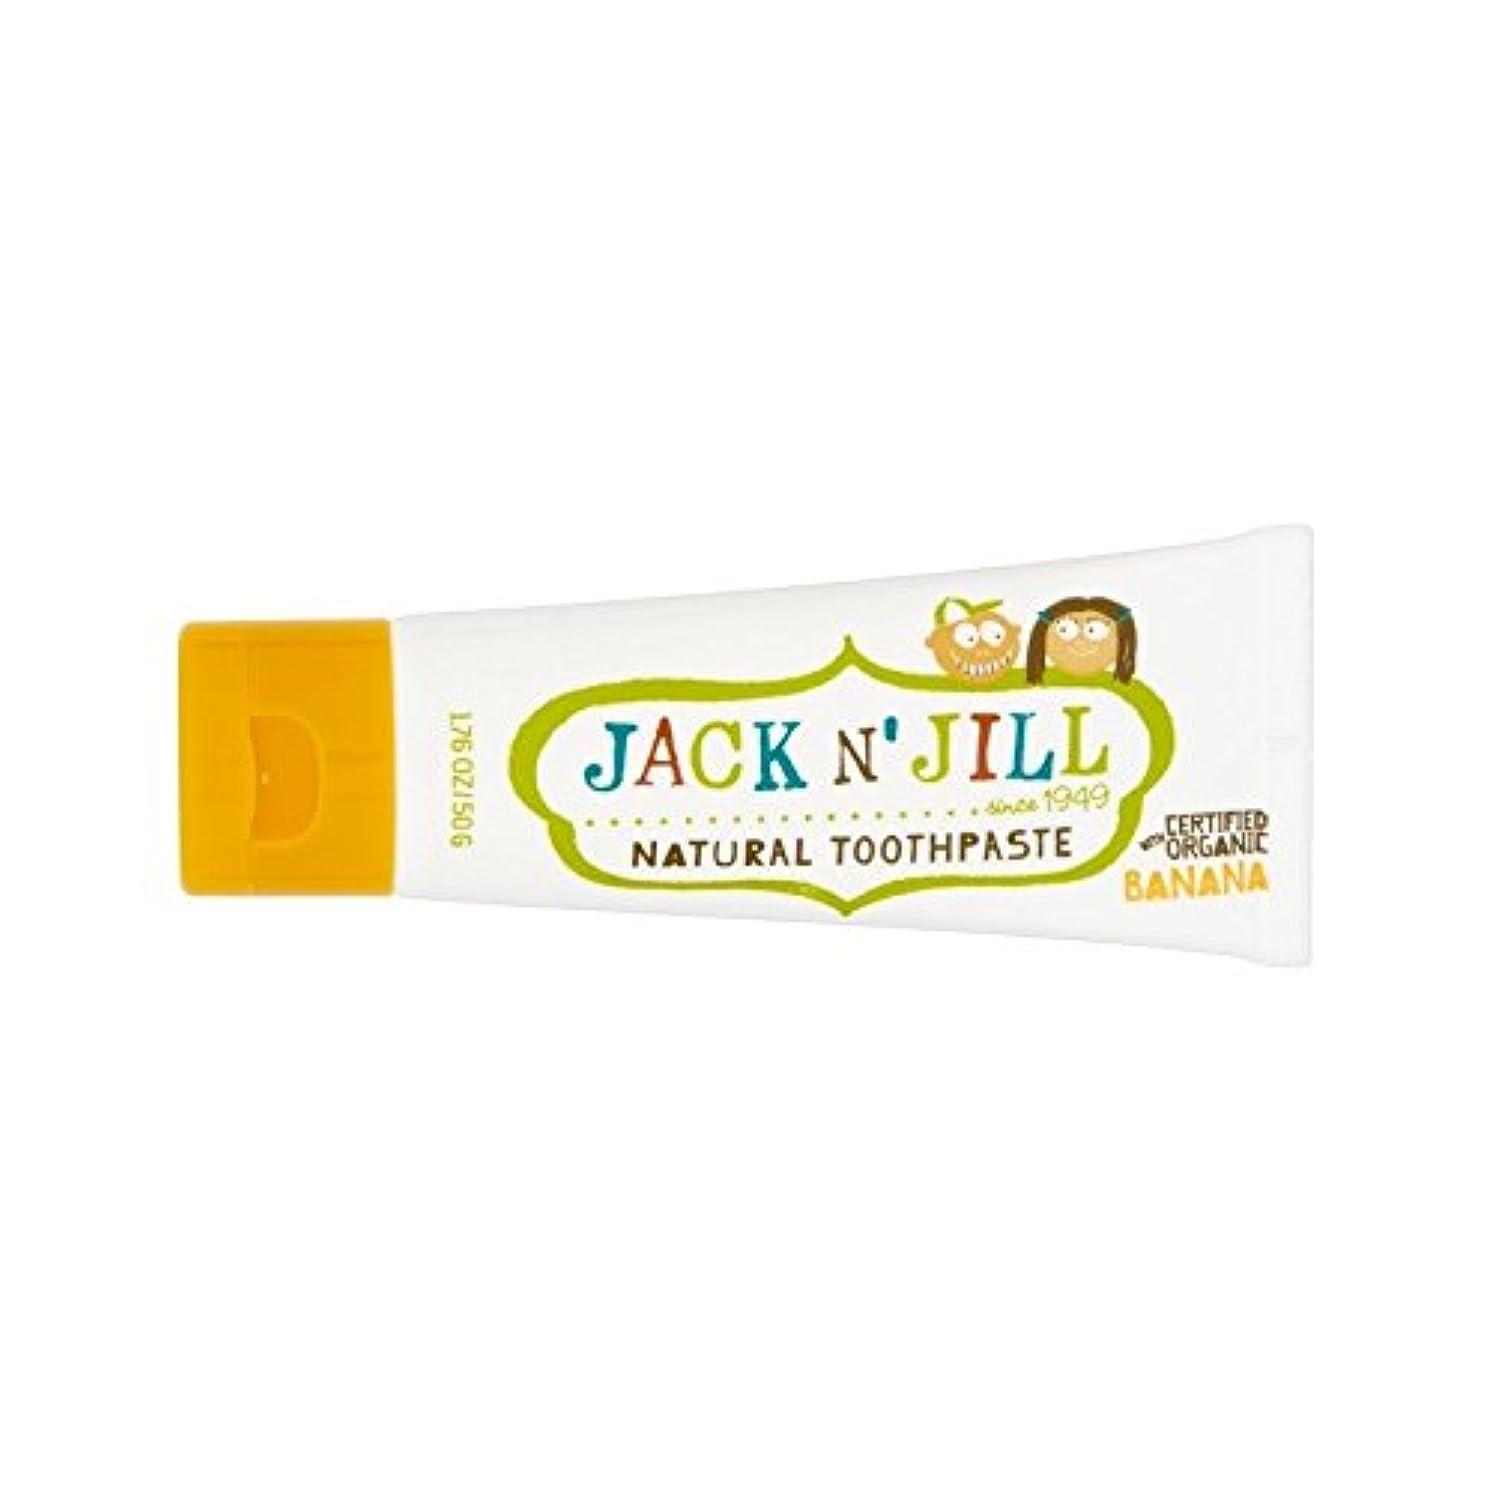 哲学熱心スパン有機香味50グラムと自然バナナ歯磨き粉 (Jack N Jill) (x 4) - Jack N' Jill Banana Toothpaste Natural with Organic Flavouring 50g (...